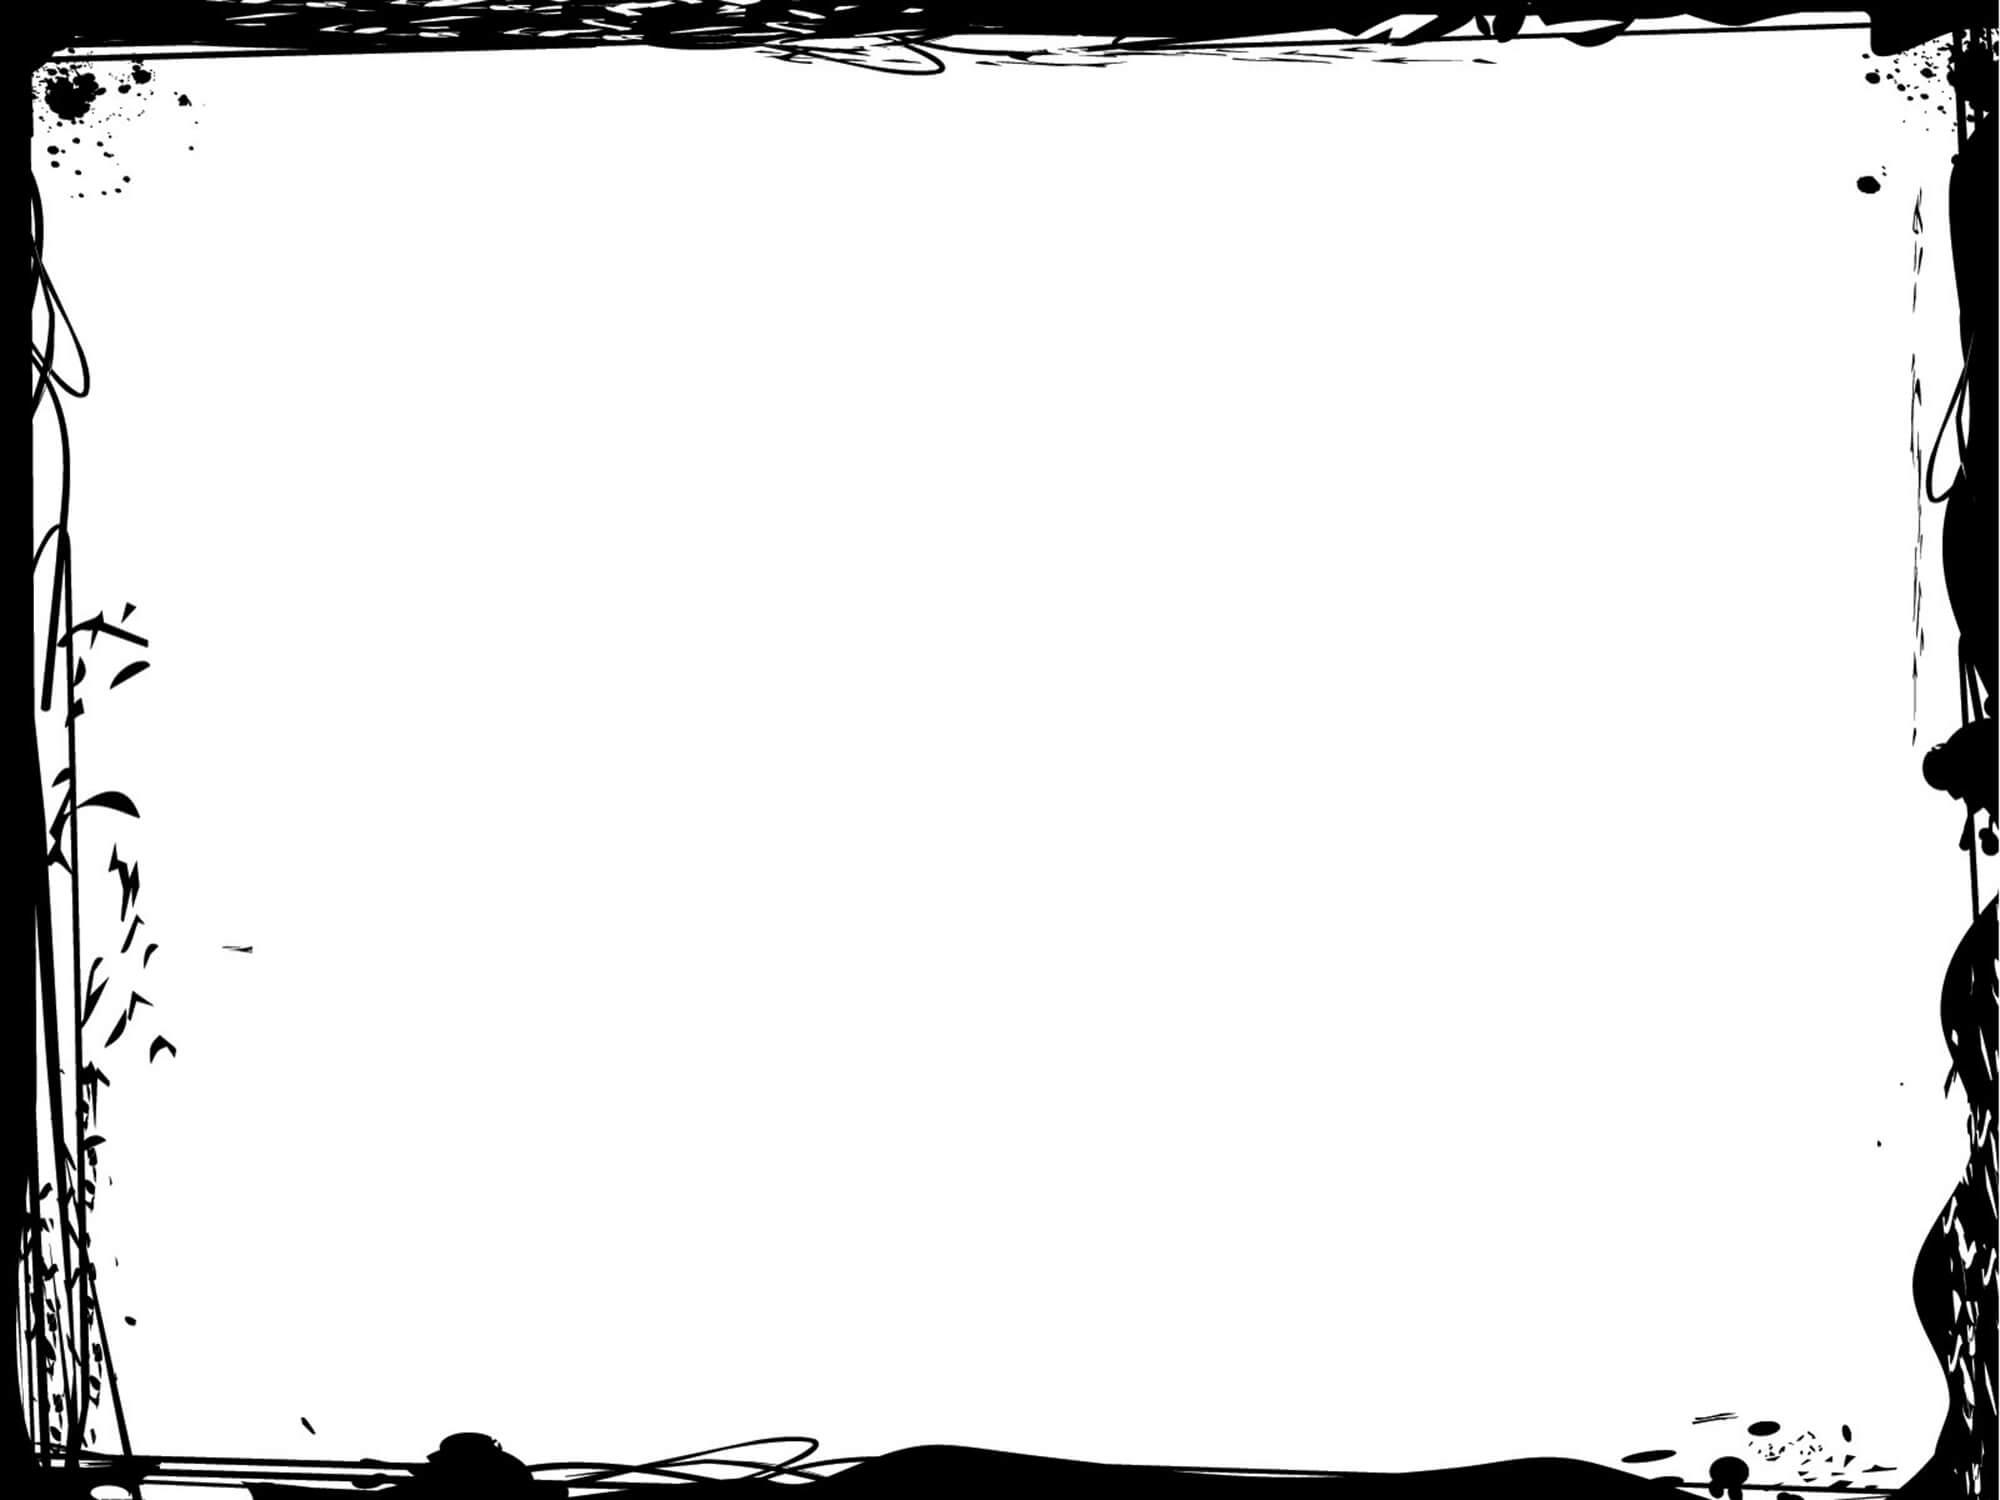 anh-nen-powerpoint-lich-su-21.jpg